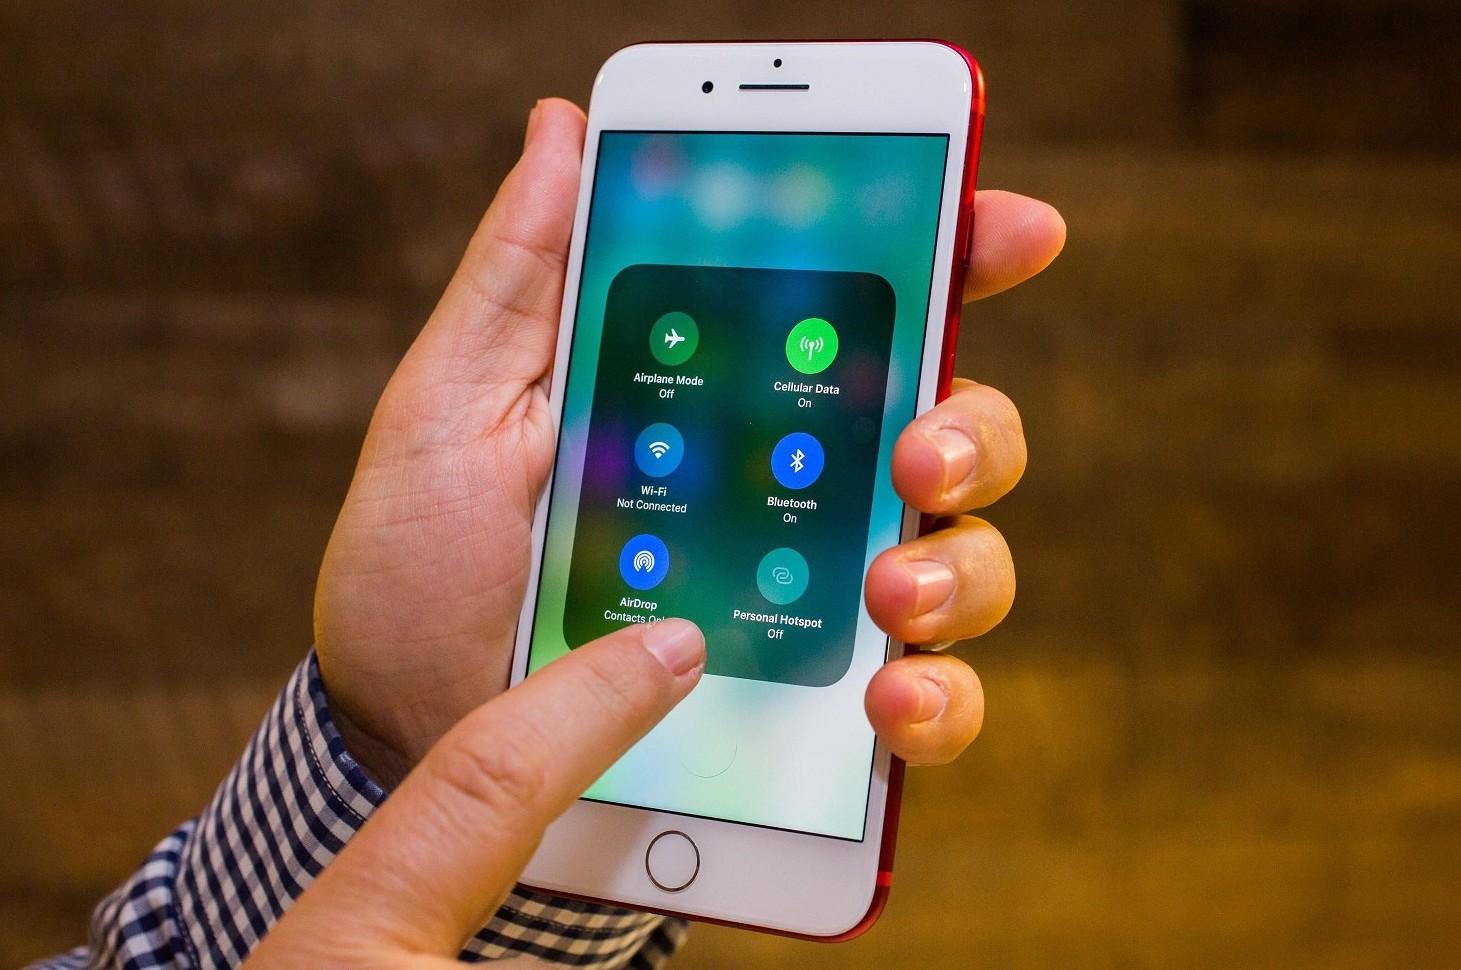 come vedere versione ios iphone 6s